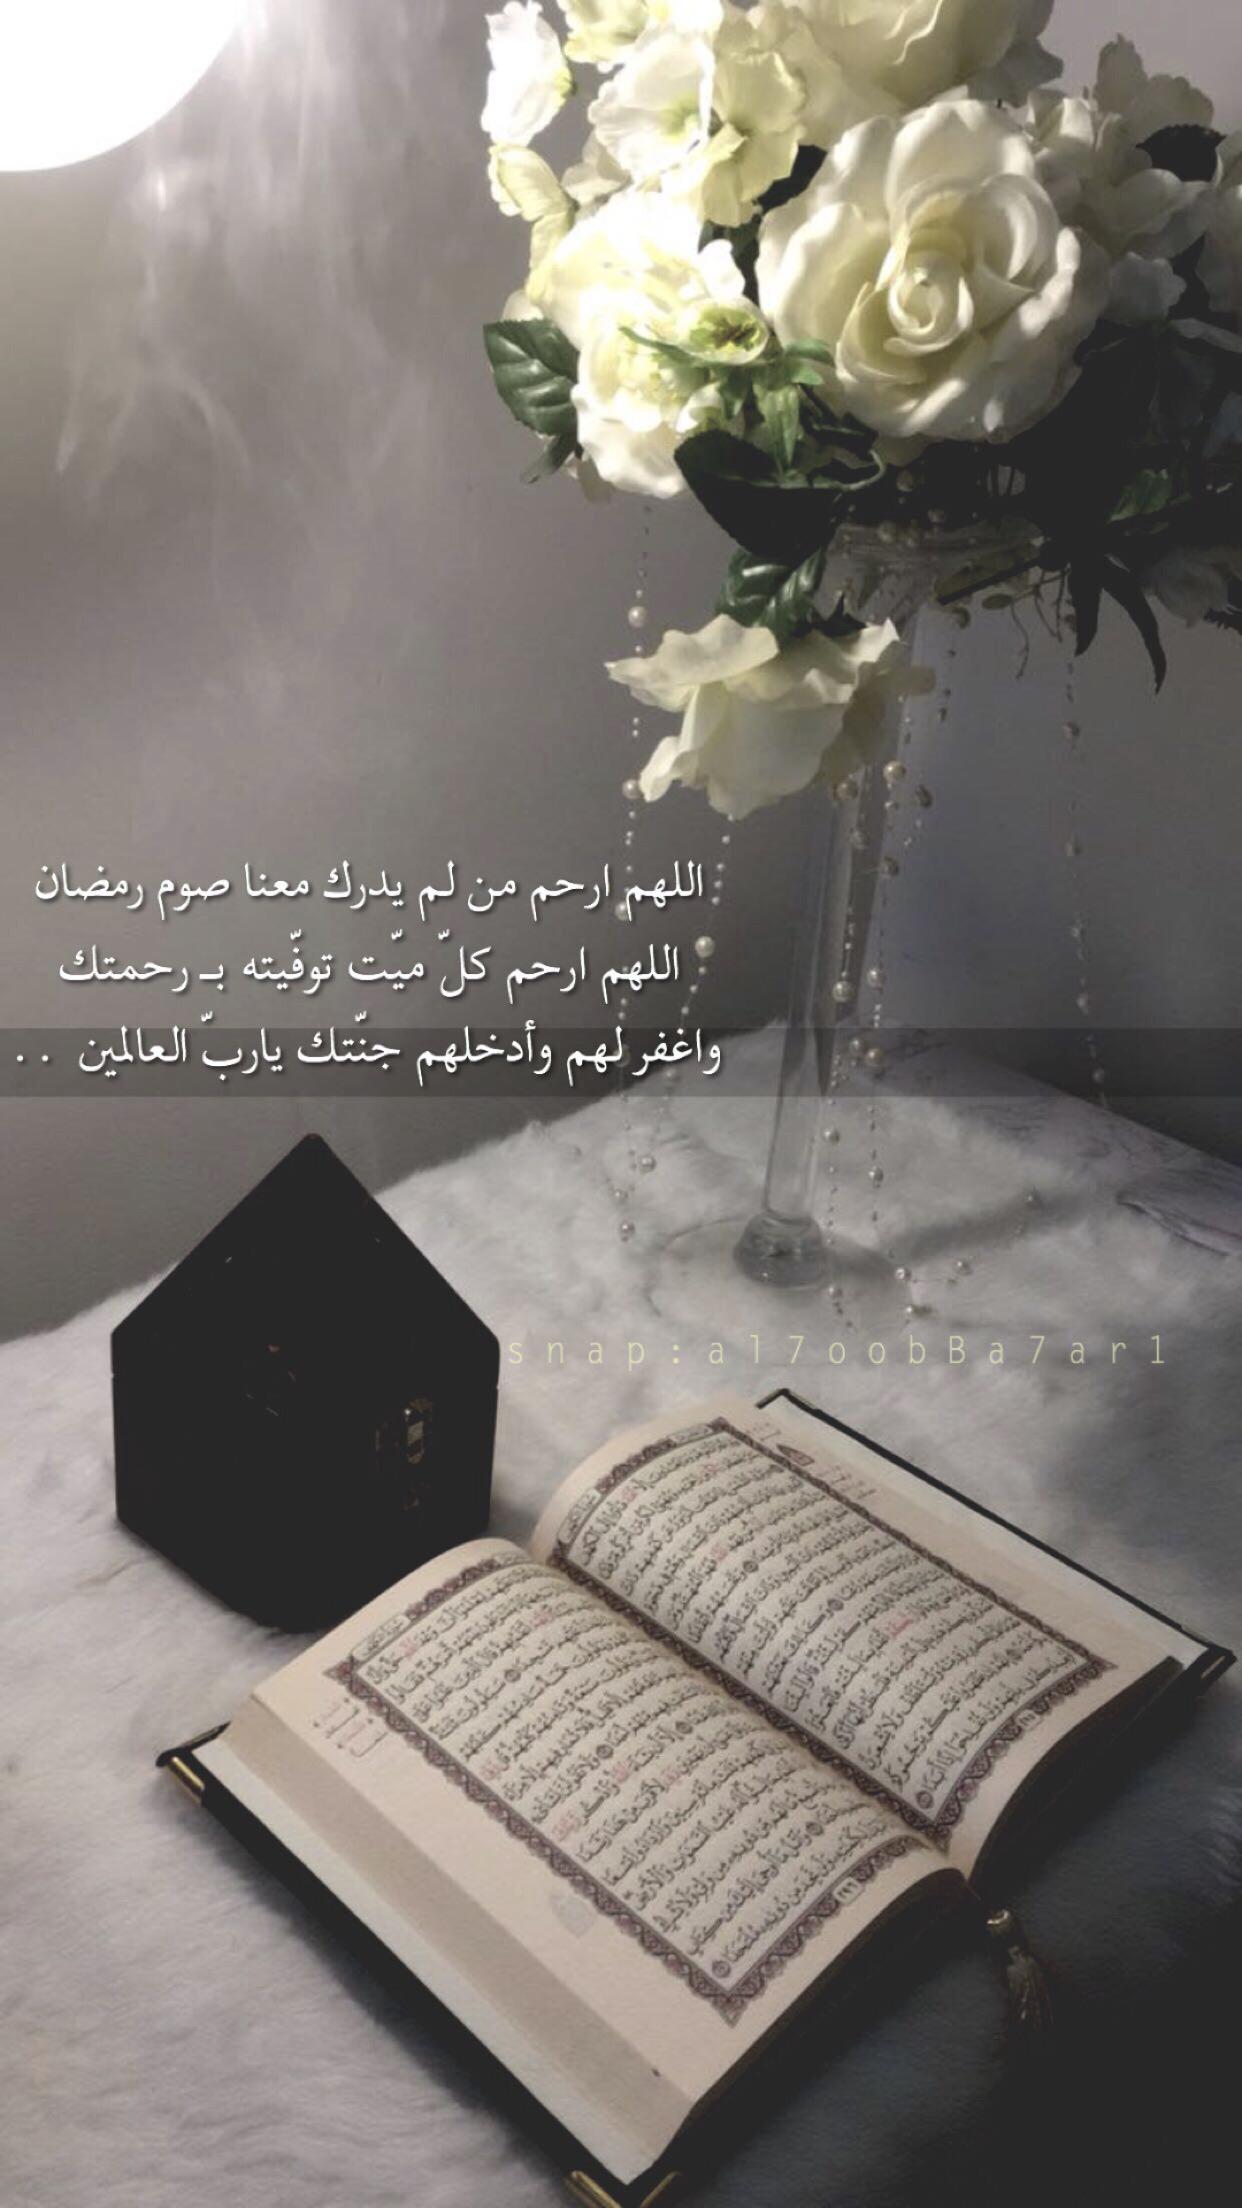 همسة اللهم ارحم من لم ي درك معنا صوم رمضان اللهم ارحم كل ميت توف يته بـ رحمتك واغفر لهم وأ Beautiful Quran Quotes Arabic Quotes Islamic Quotes Wallpaper